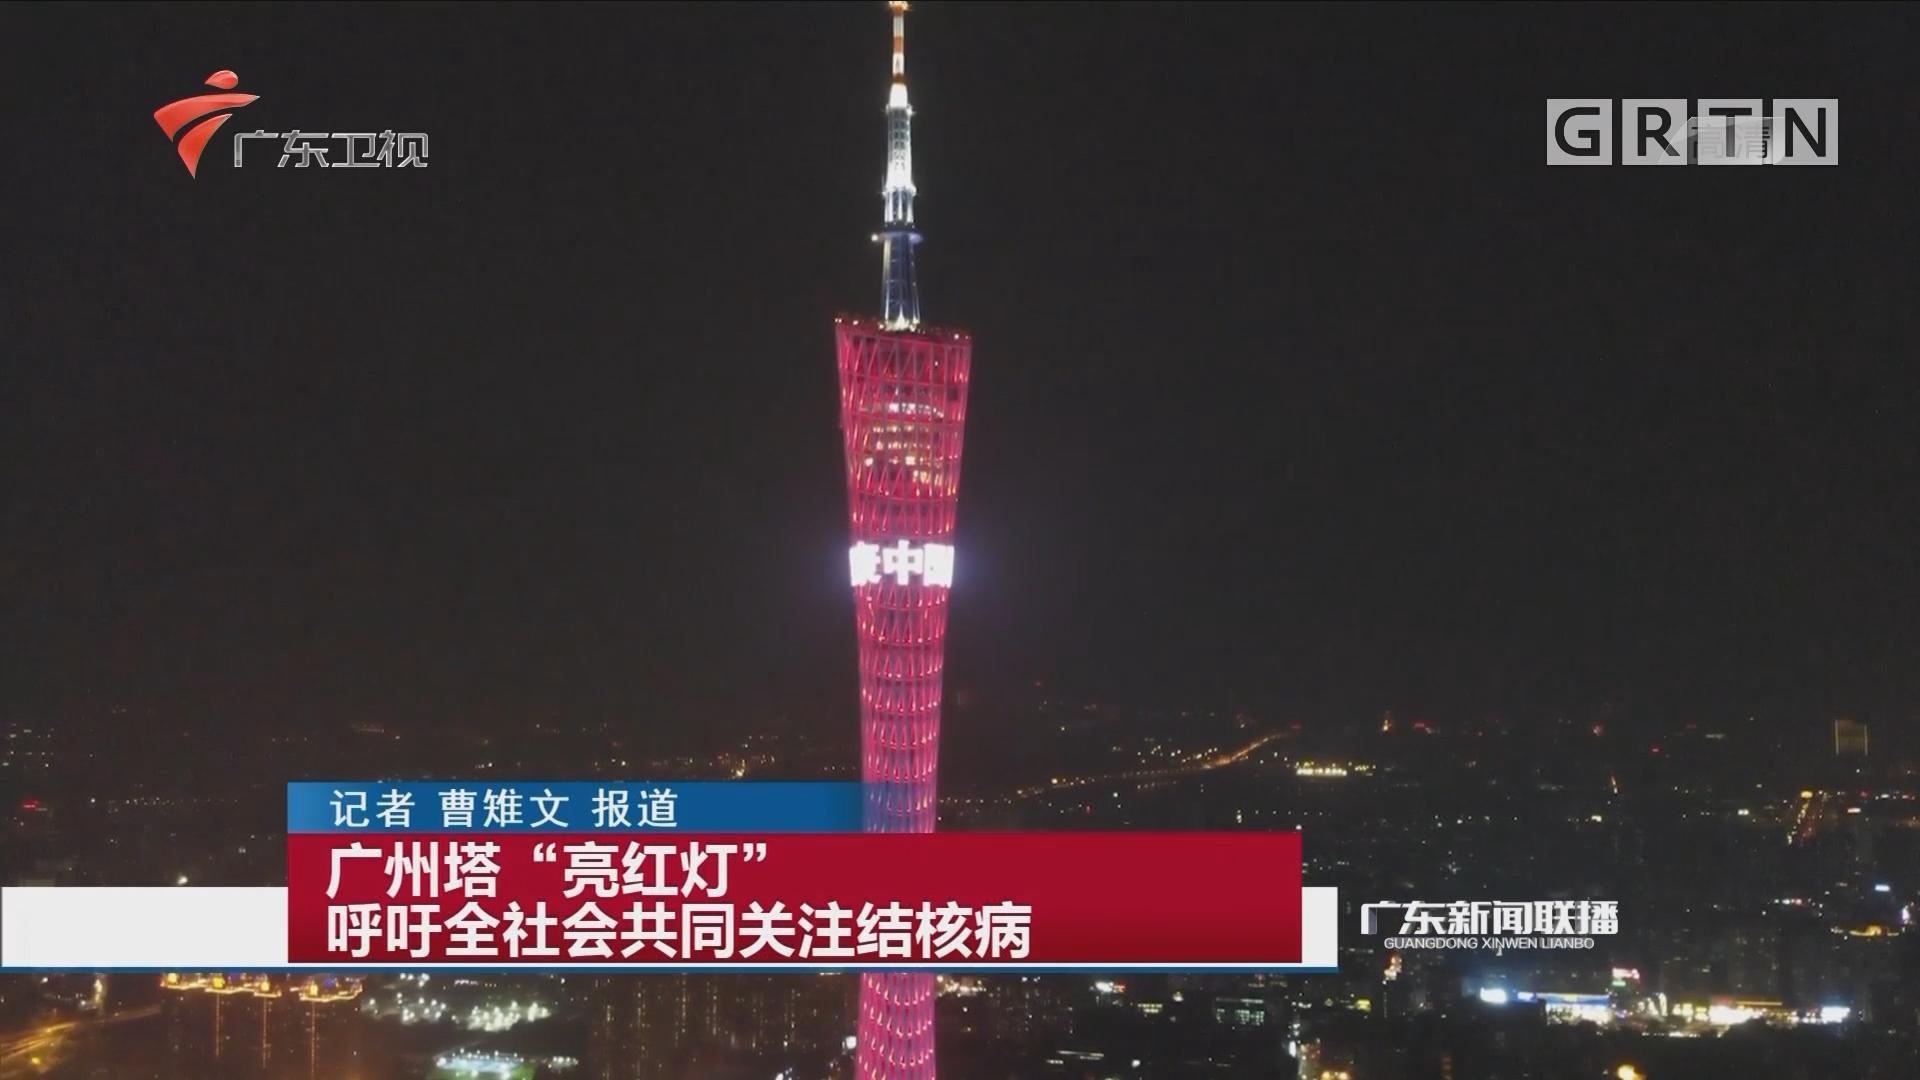 """广州塔""""亮红灯""""呼吁全社会共同关注结核病"""